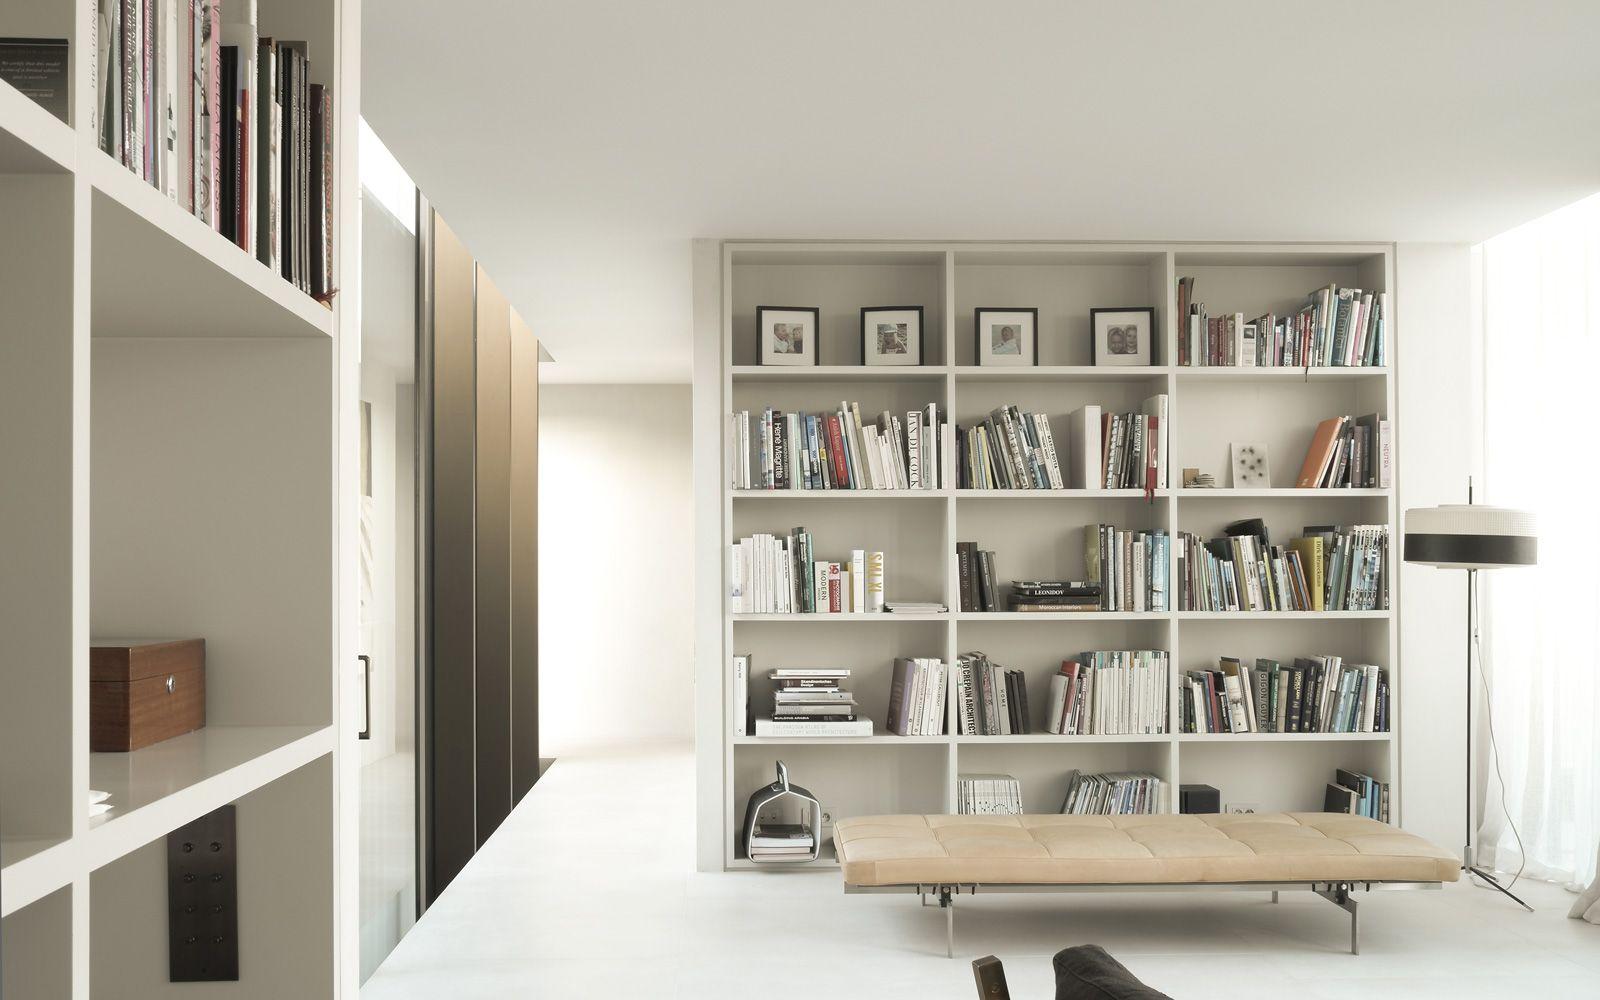 Kantoorpand interieur theartofliving.eu pinterest architect